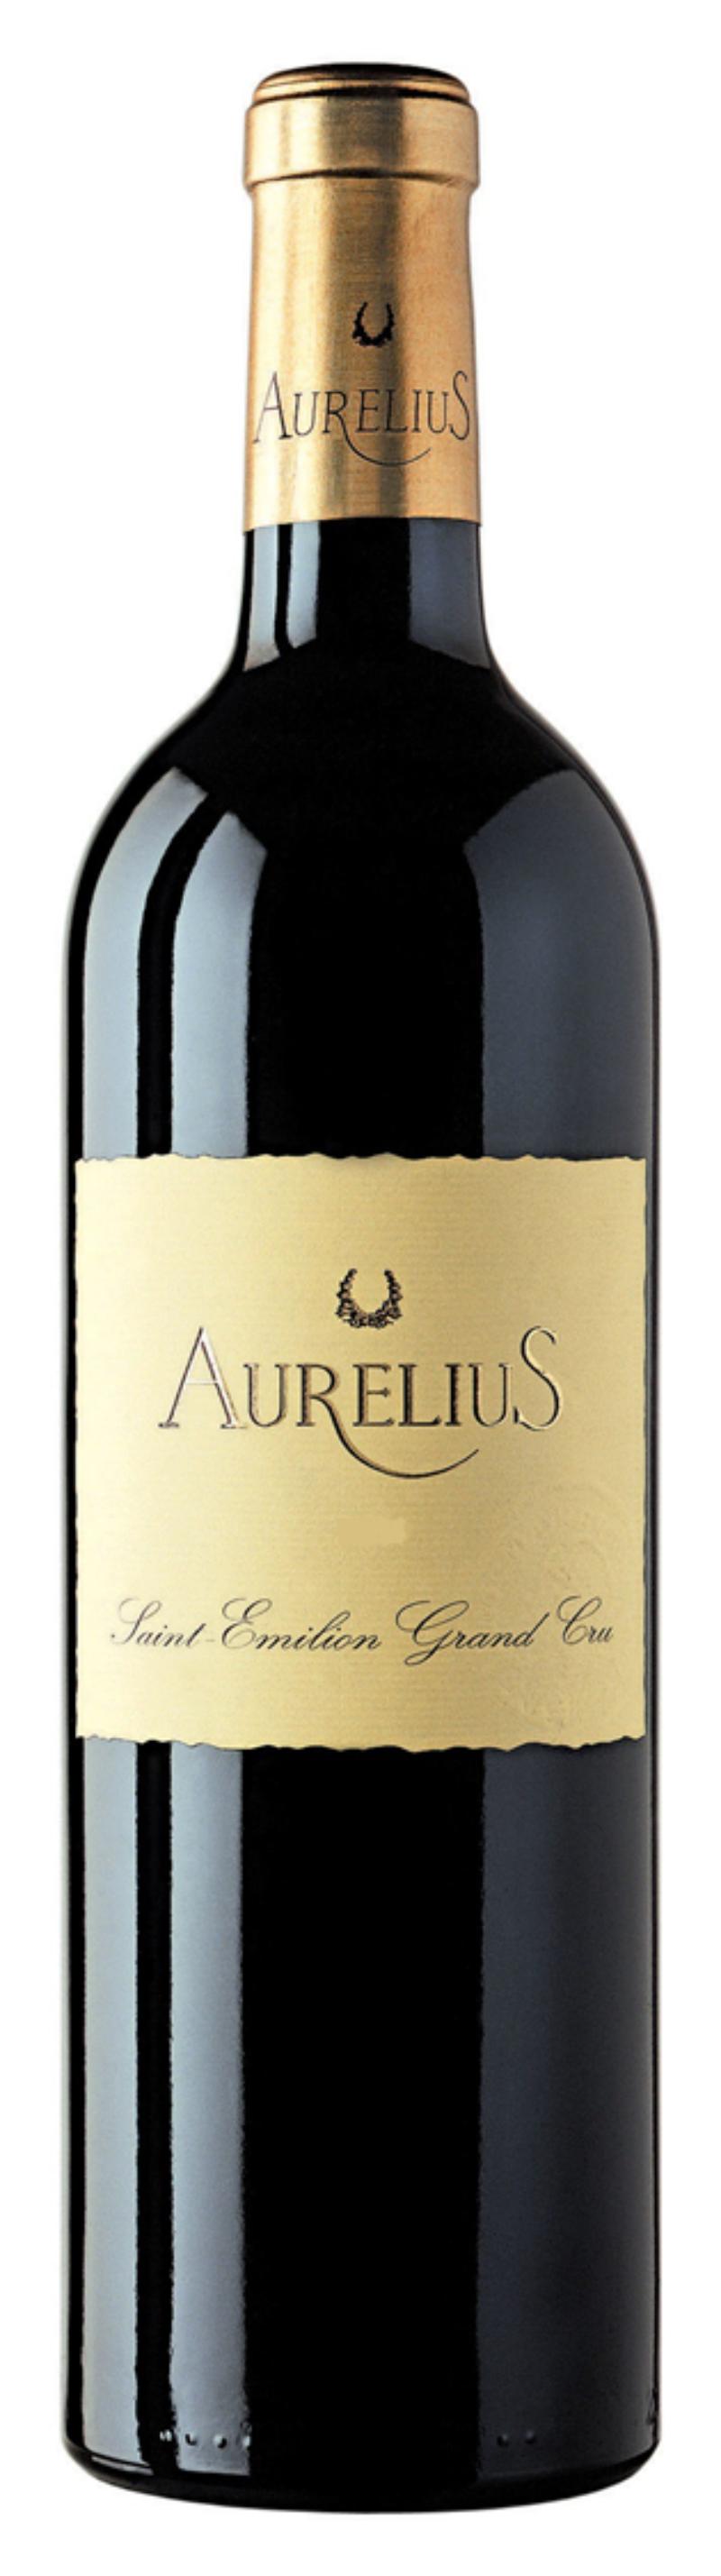 AURELIUS-ST.EMILION-GRAND-CRU-2005